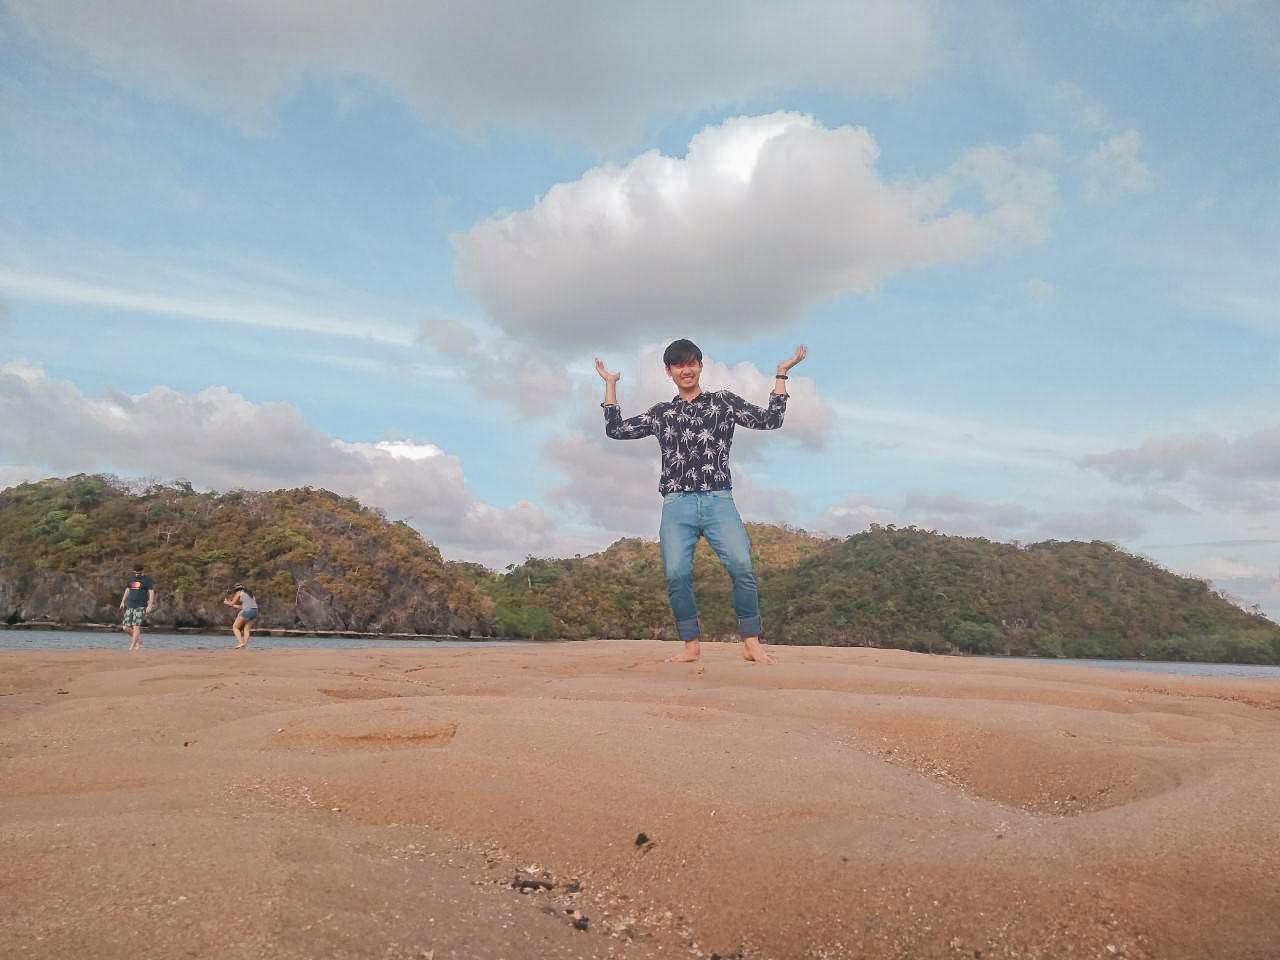 เที่ยวปราสาทหินพันยอด หมู่เกาะเขาใหญ่ Unseen ล้านปีของไทย